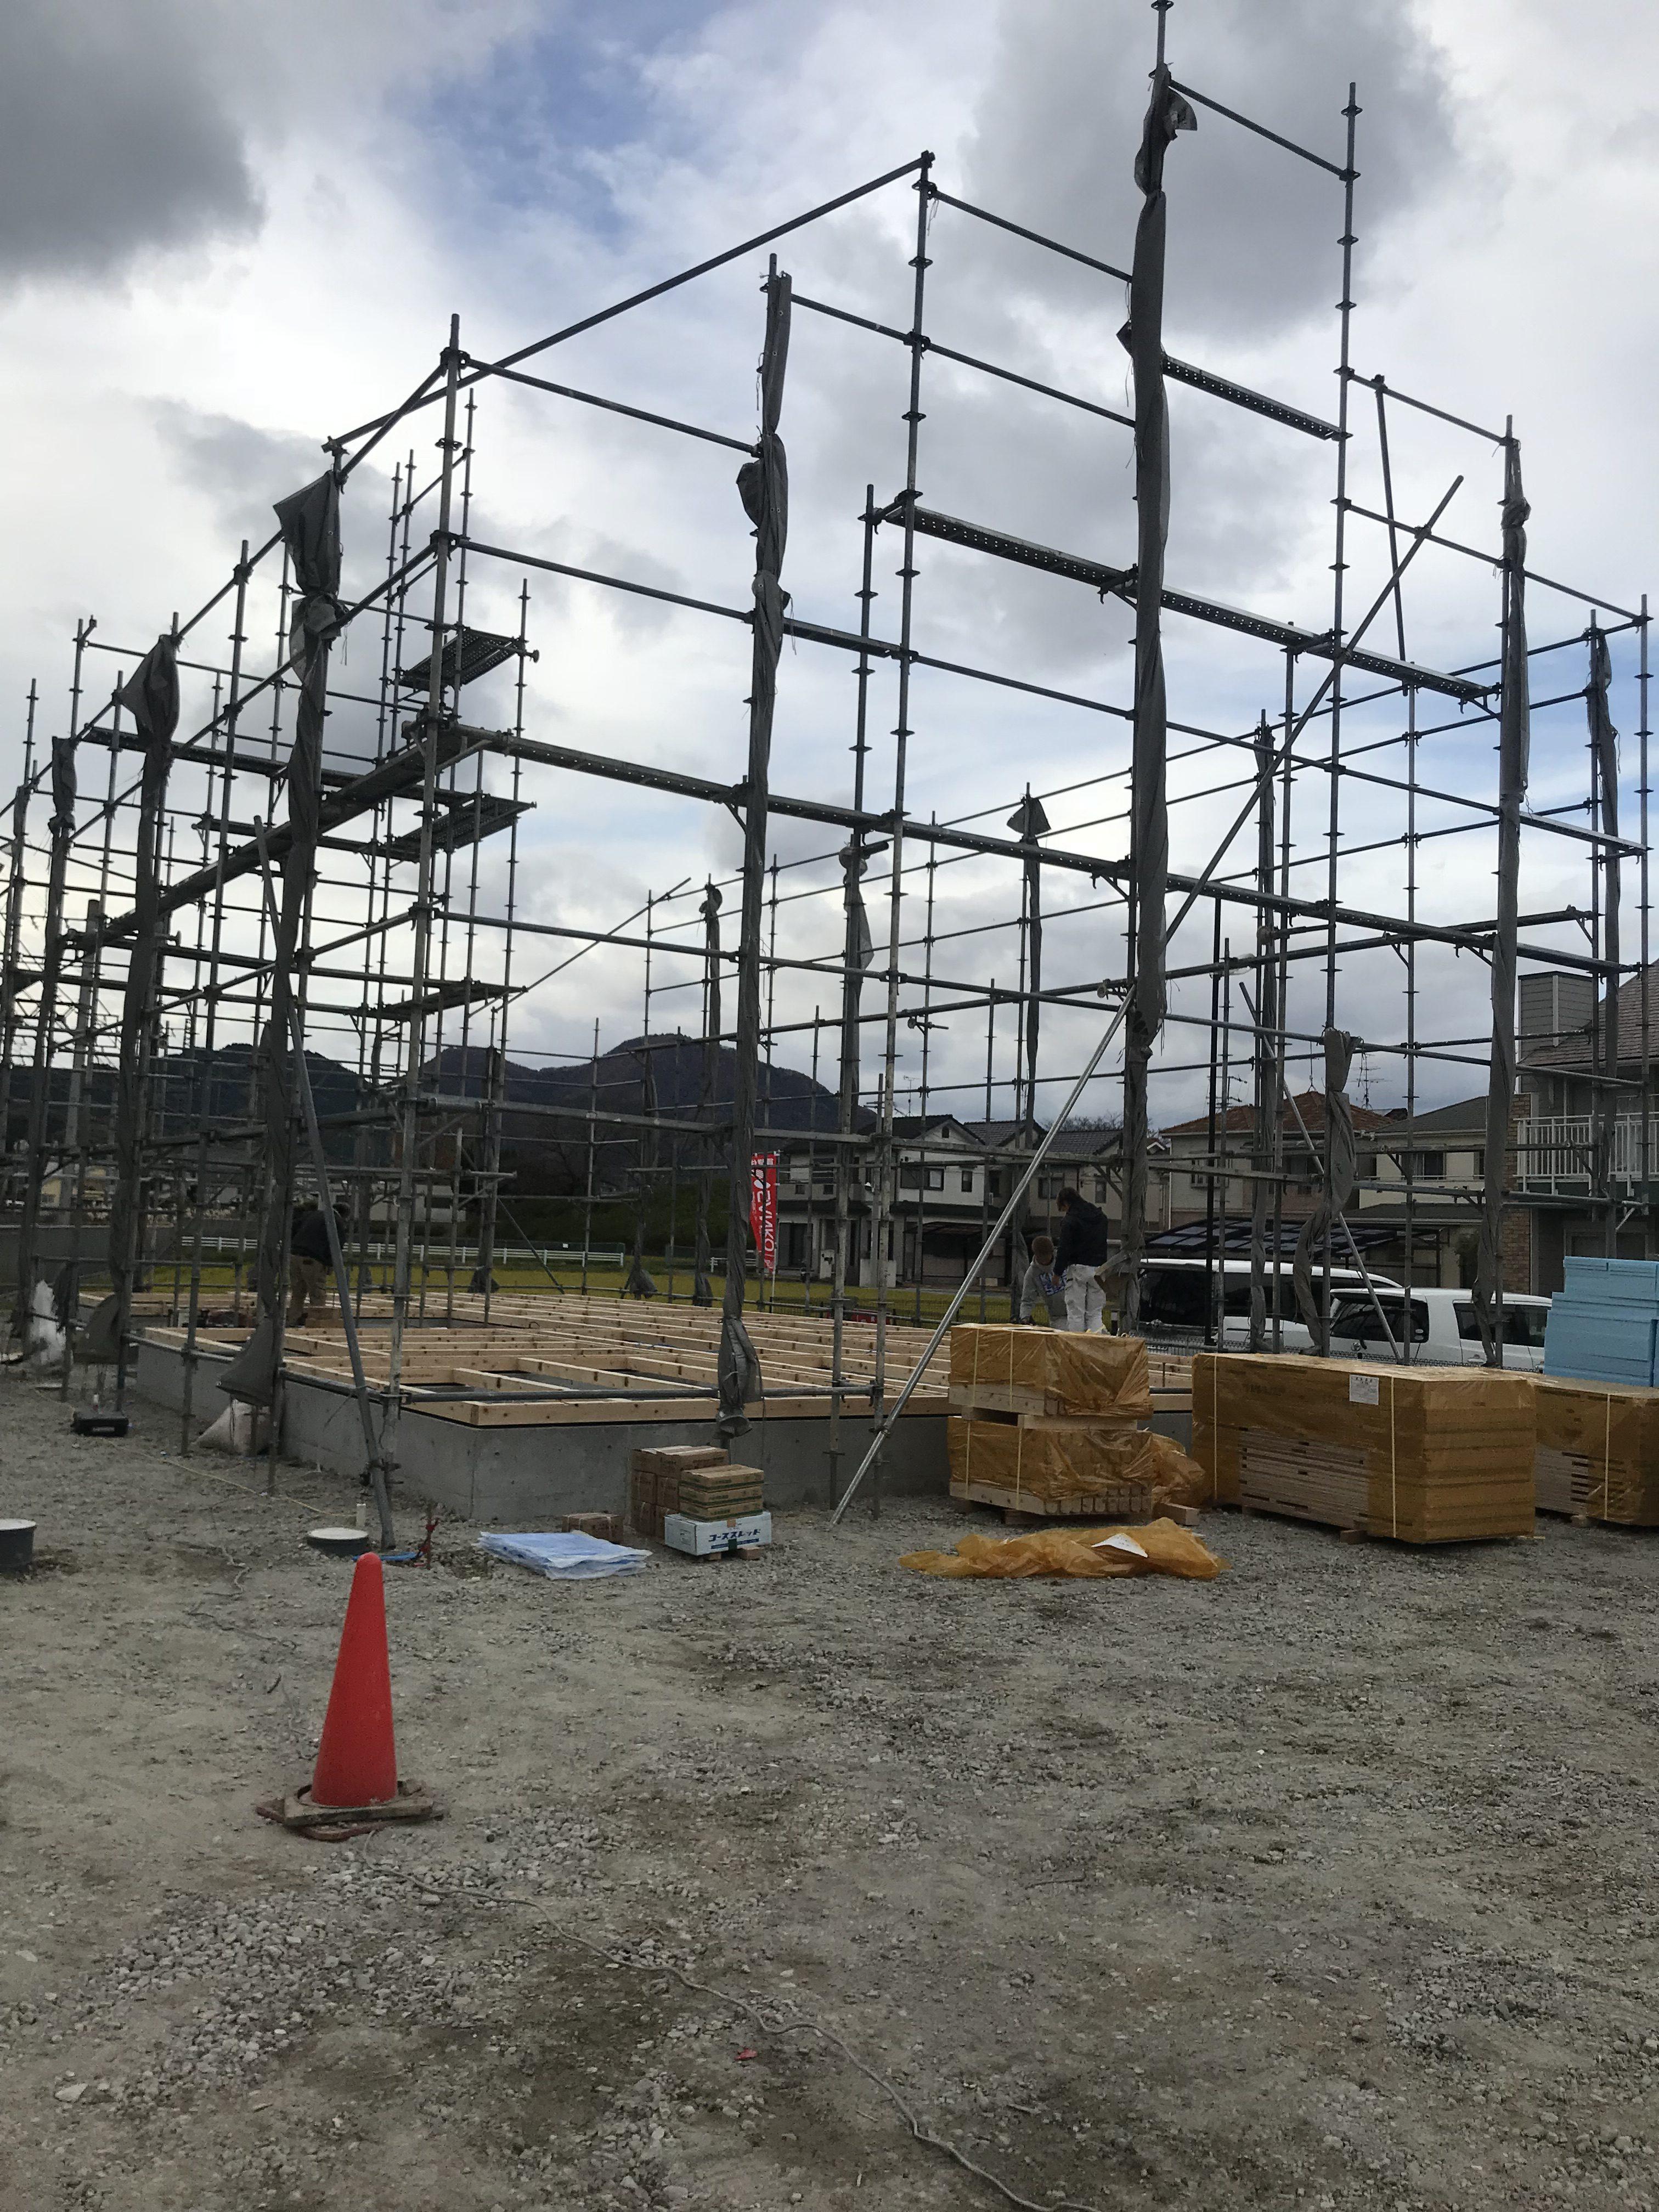 奈良県葛城市O様邸の棟上げ工事がございましたver1(=^^=)